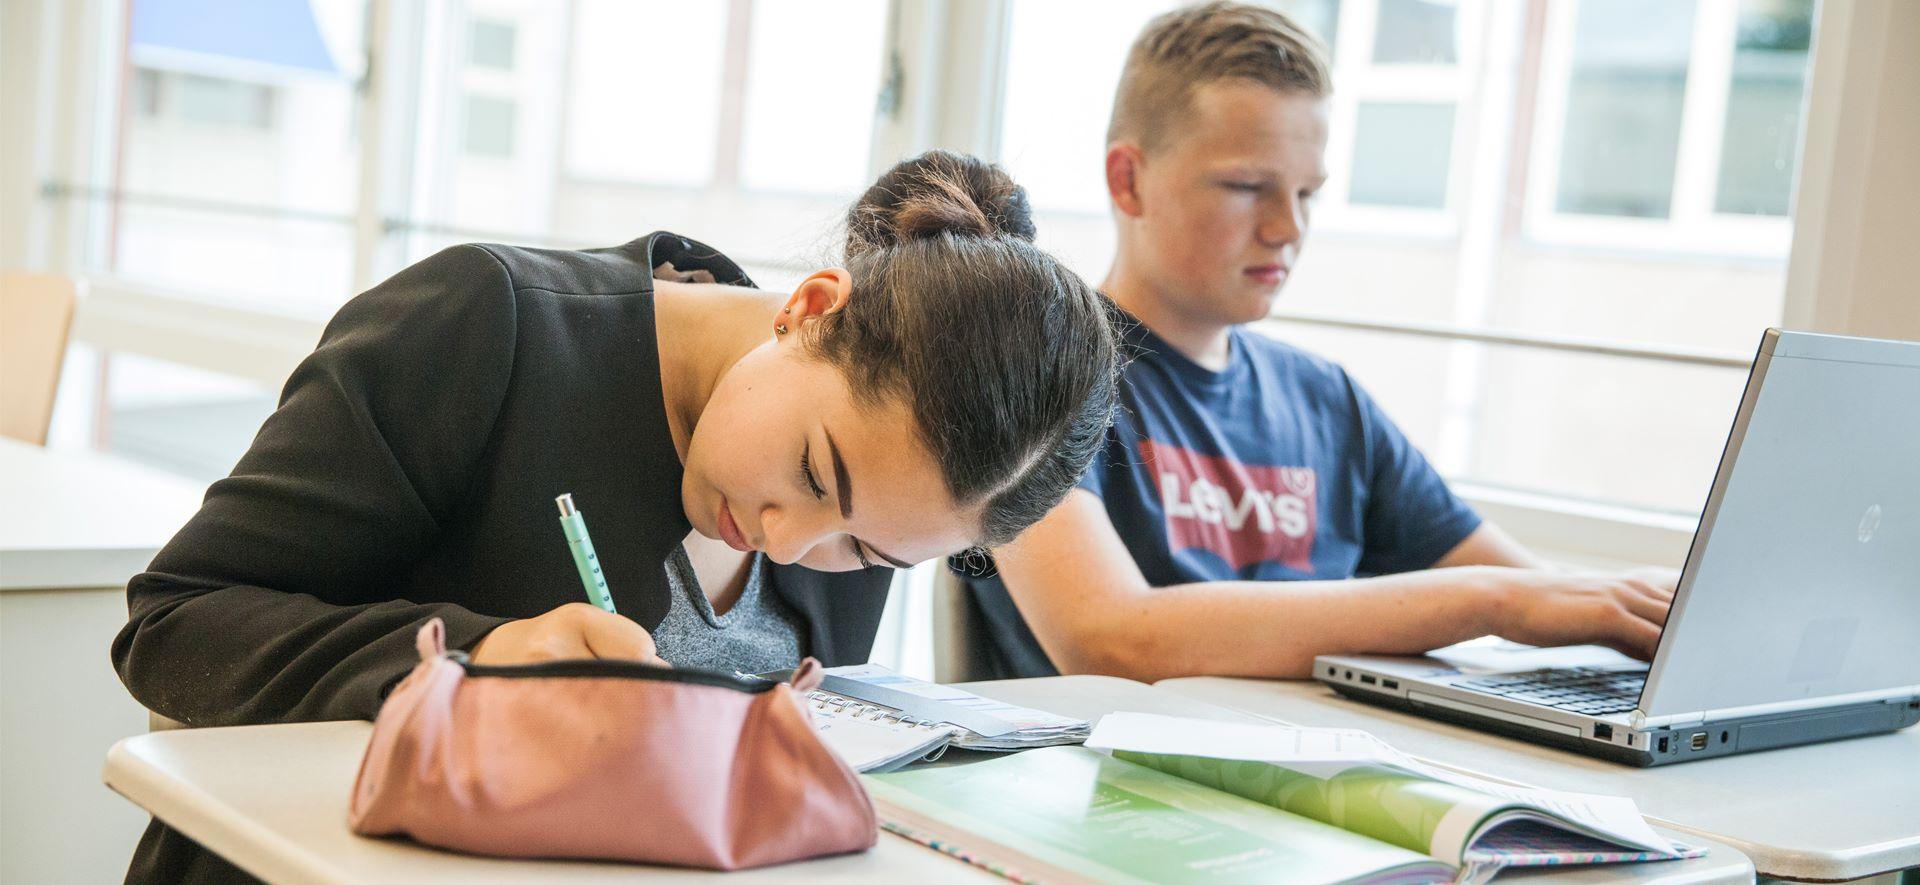 https://www.ubboemmius.nl/wp-content/uploads/2018/09/20180822_Ubbo_online_beeldmateriaal_5_leerlingbegeleiding.jpg